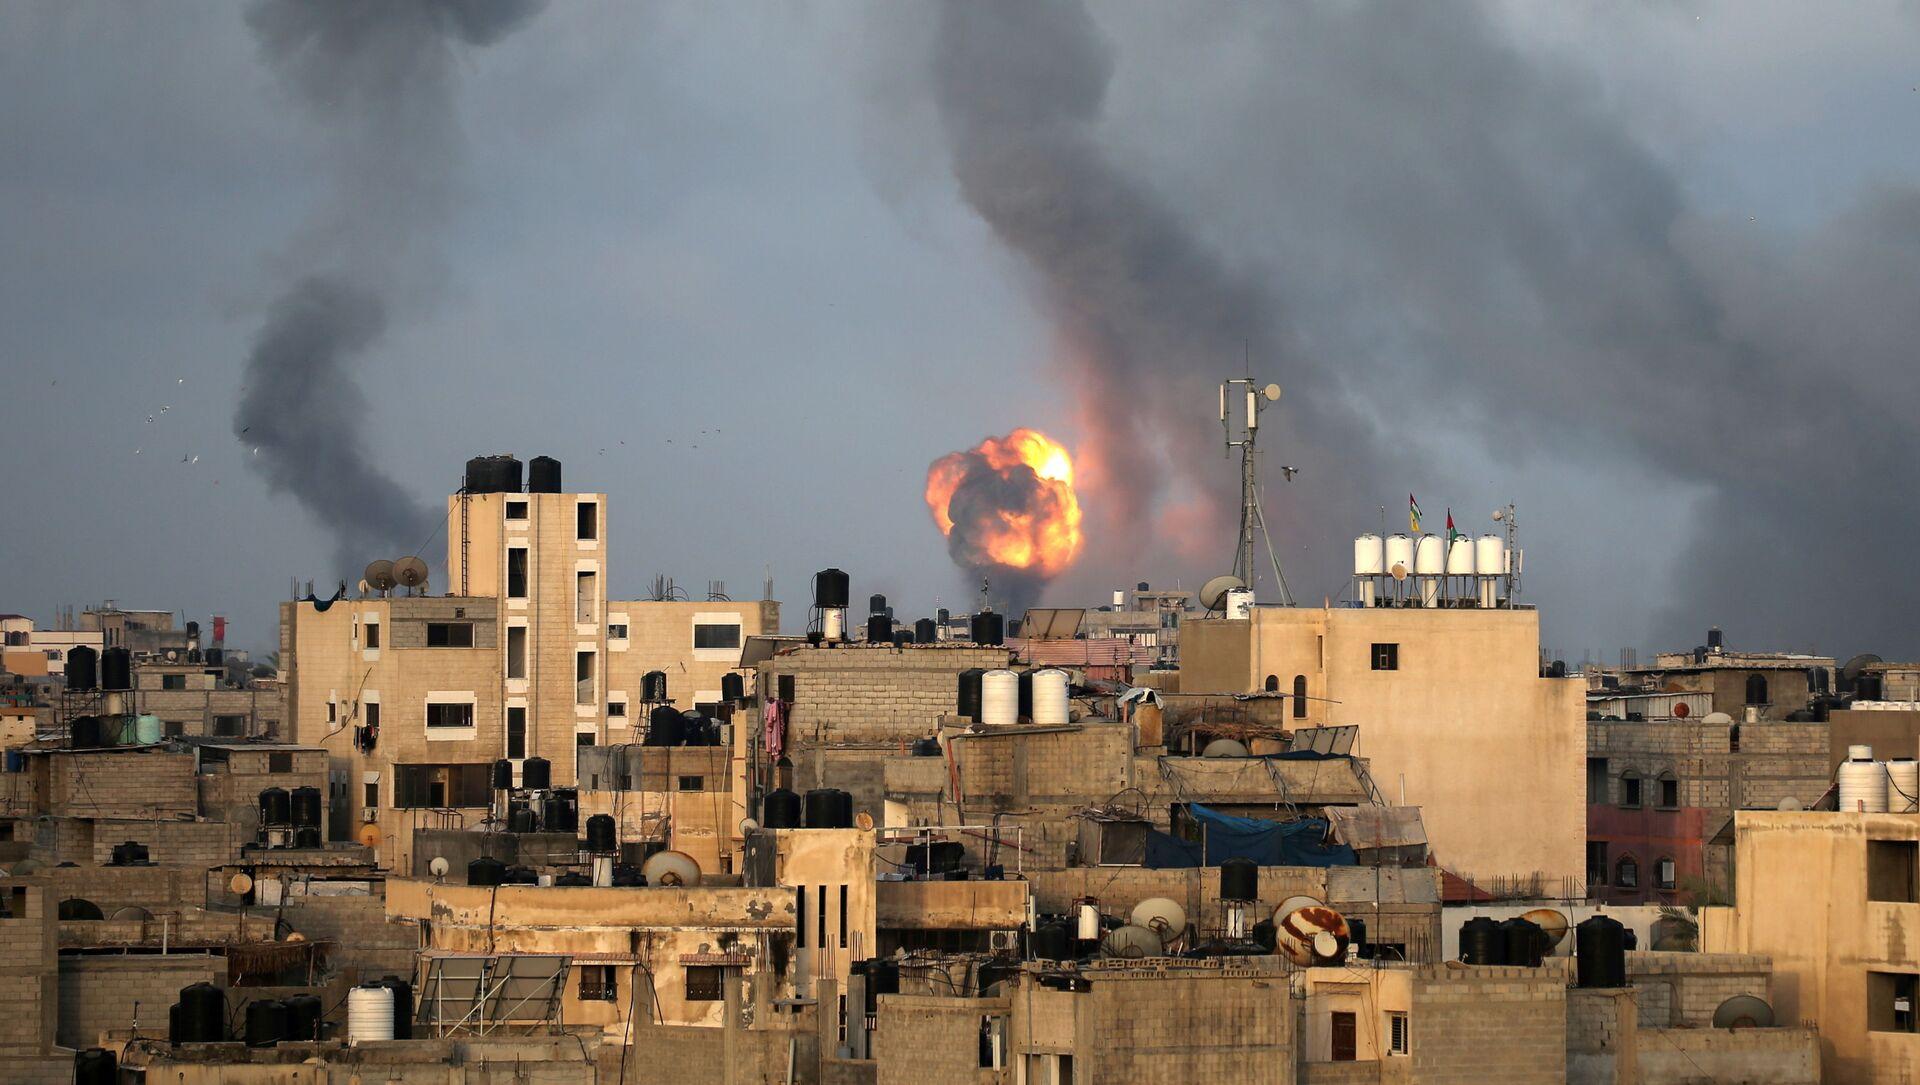 Il fumo dopo il bombardamento della Striscia di Gaza da parte di Israele - Sputnik Italia, 1920, 11.05.2021